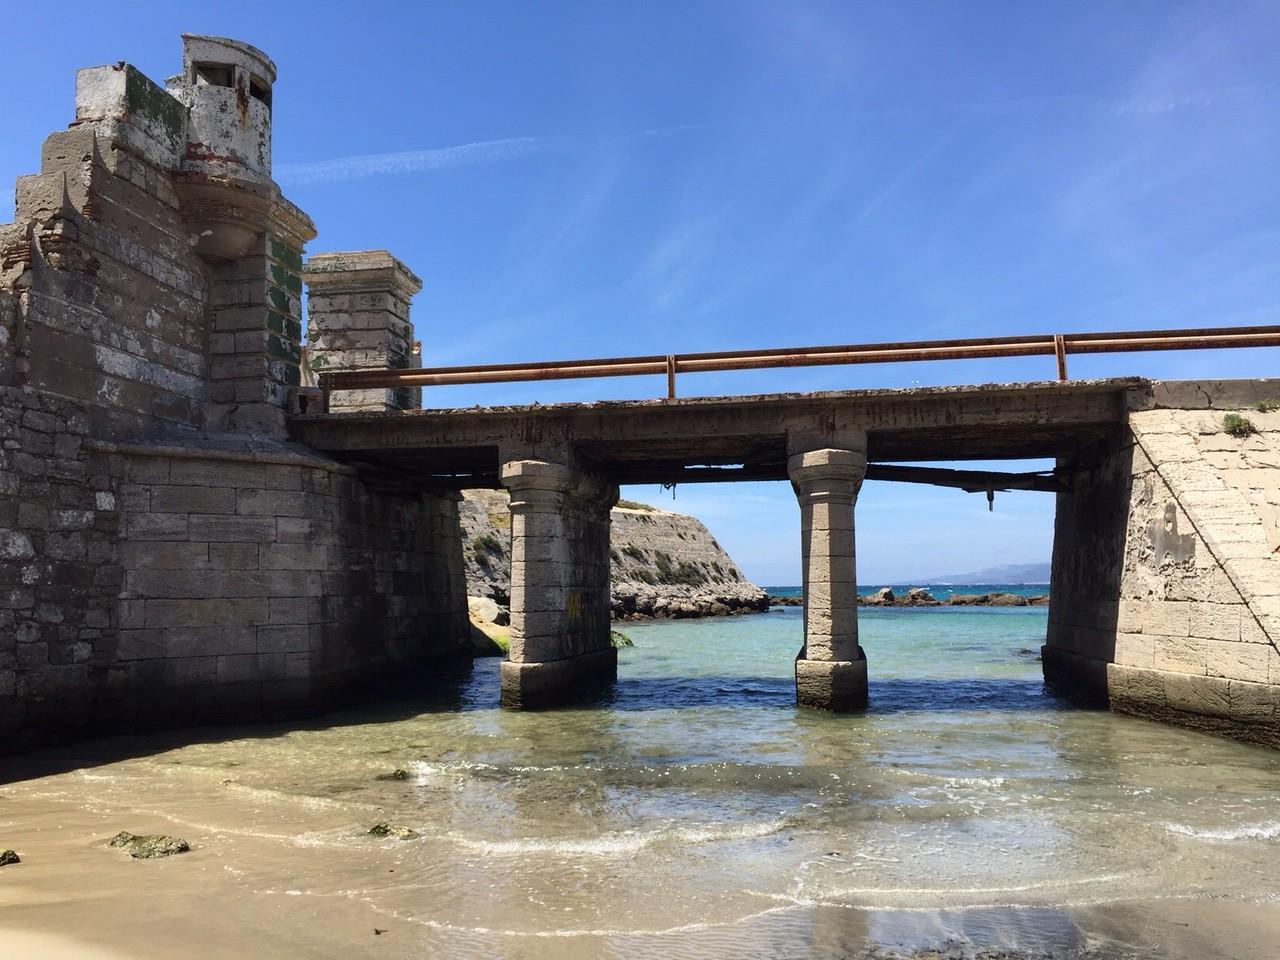 Un petit pont entre Atlantique et Méditerranée relie l'isla de las Palomas à Tarifa